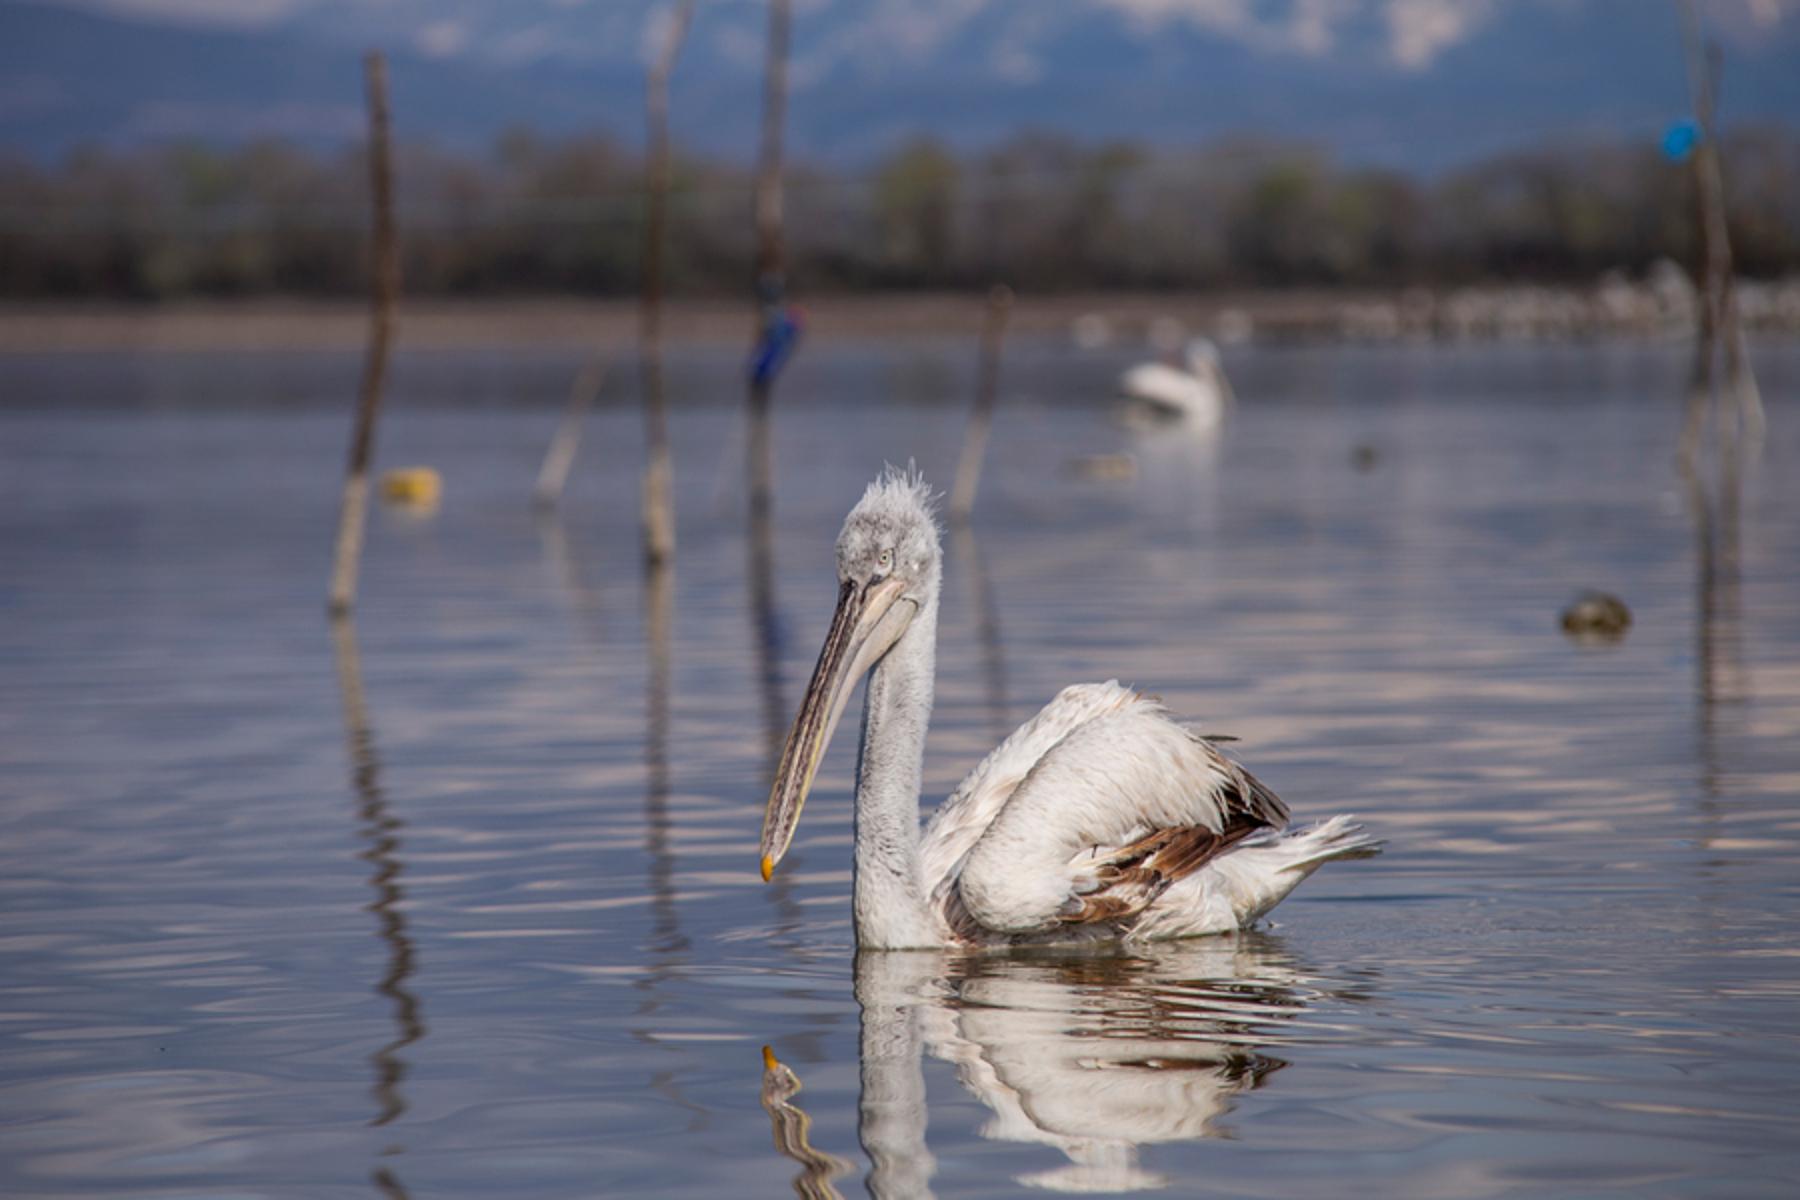 Λίμνη Κερκίνη: Εντοπίστηκε η γρίπη των πτηνών σε τρεις αργυροπελεκάνους που βρέθηκαν νεκροί